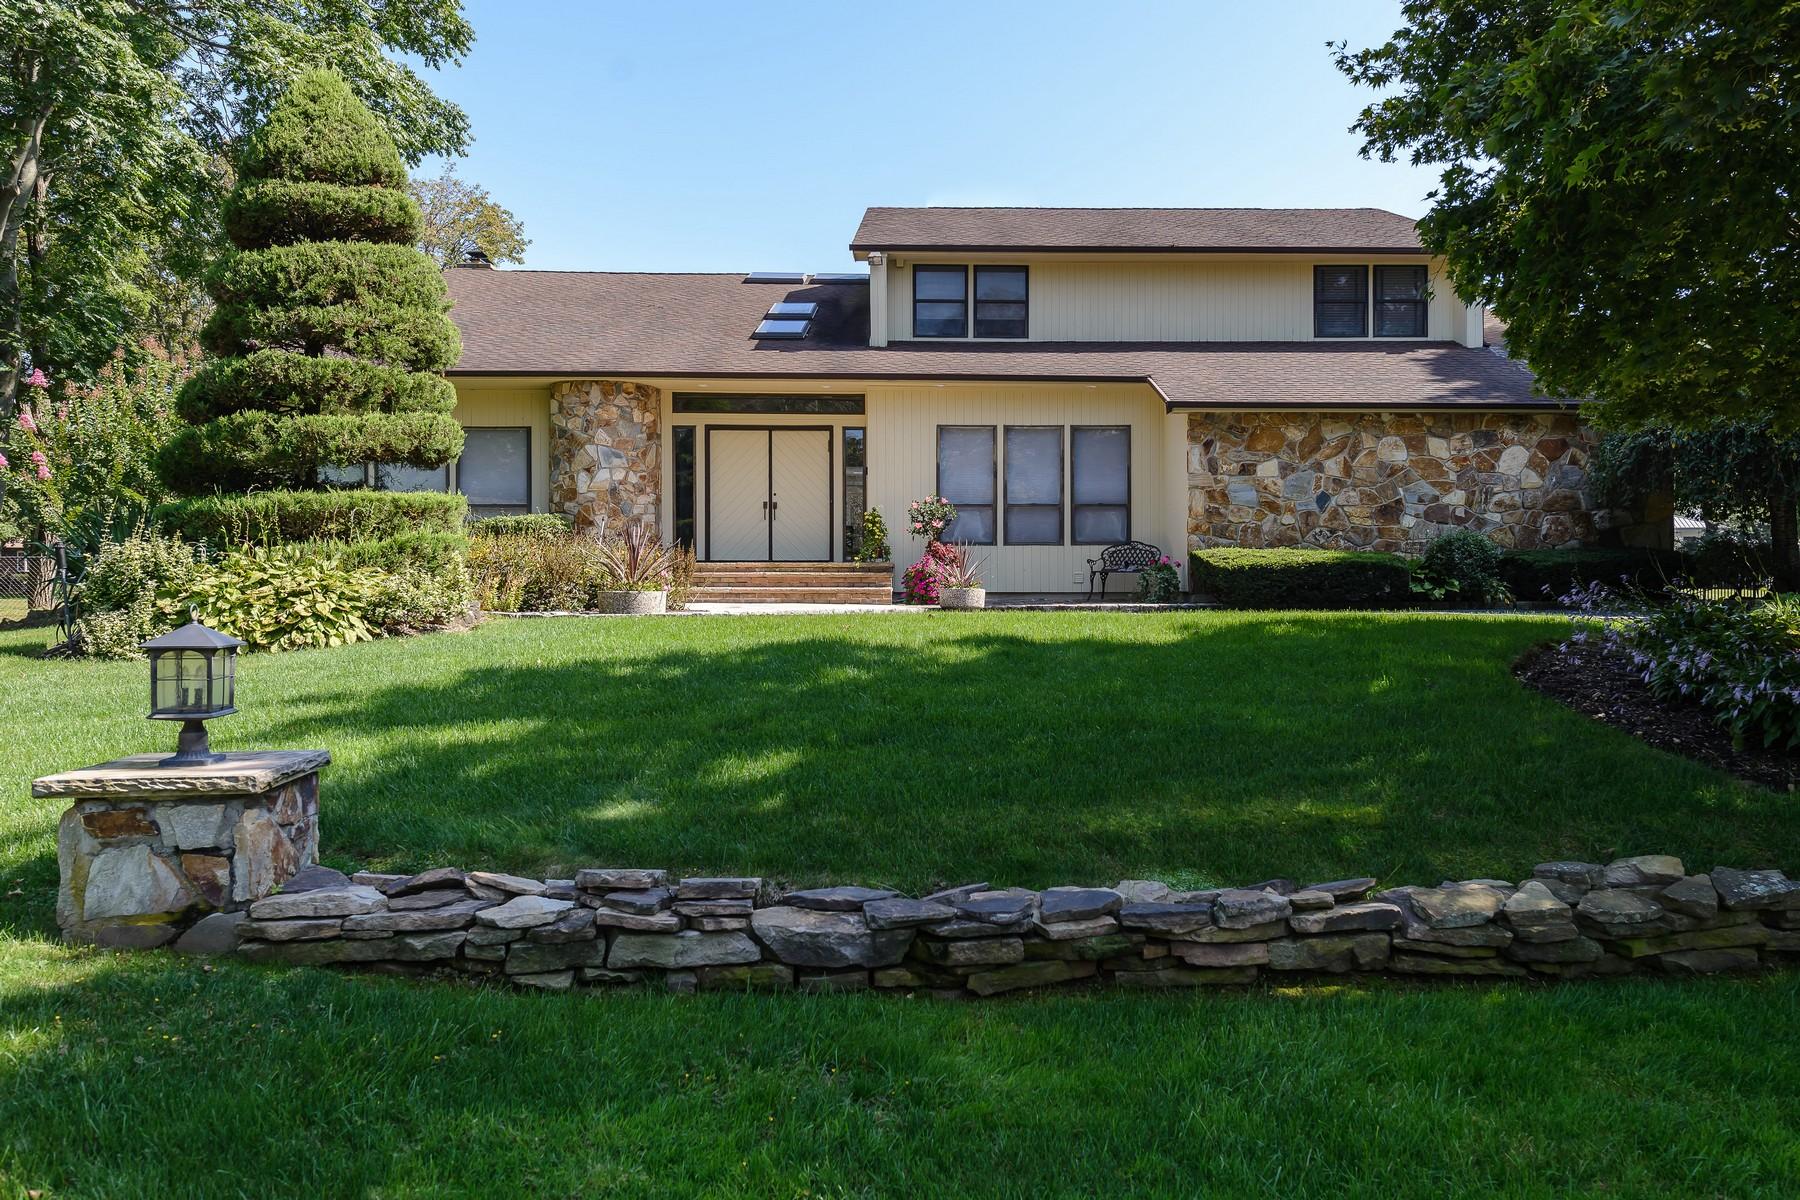 独户住宅 为 销售 在 70 Dalor Ct , Woodbury, NY 11797 伍德伯里, 纽约州, 11797 美国